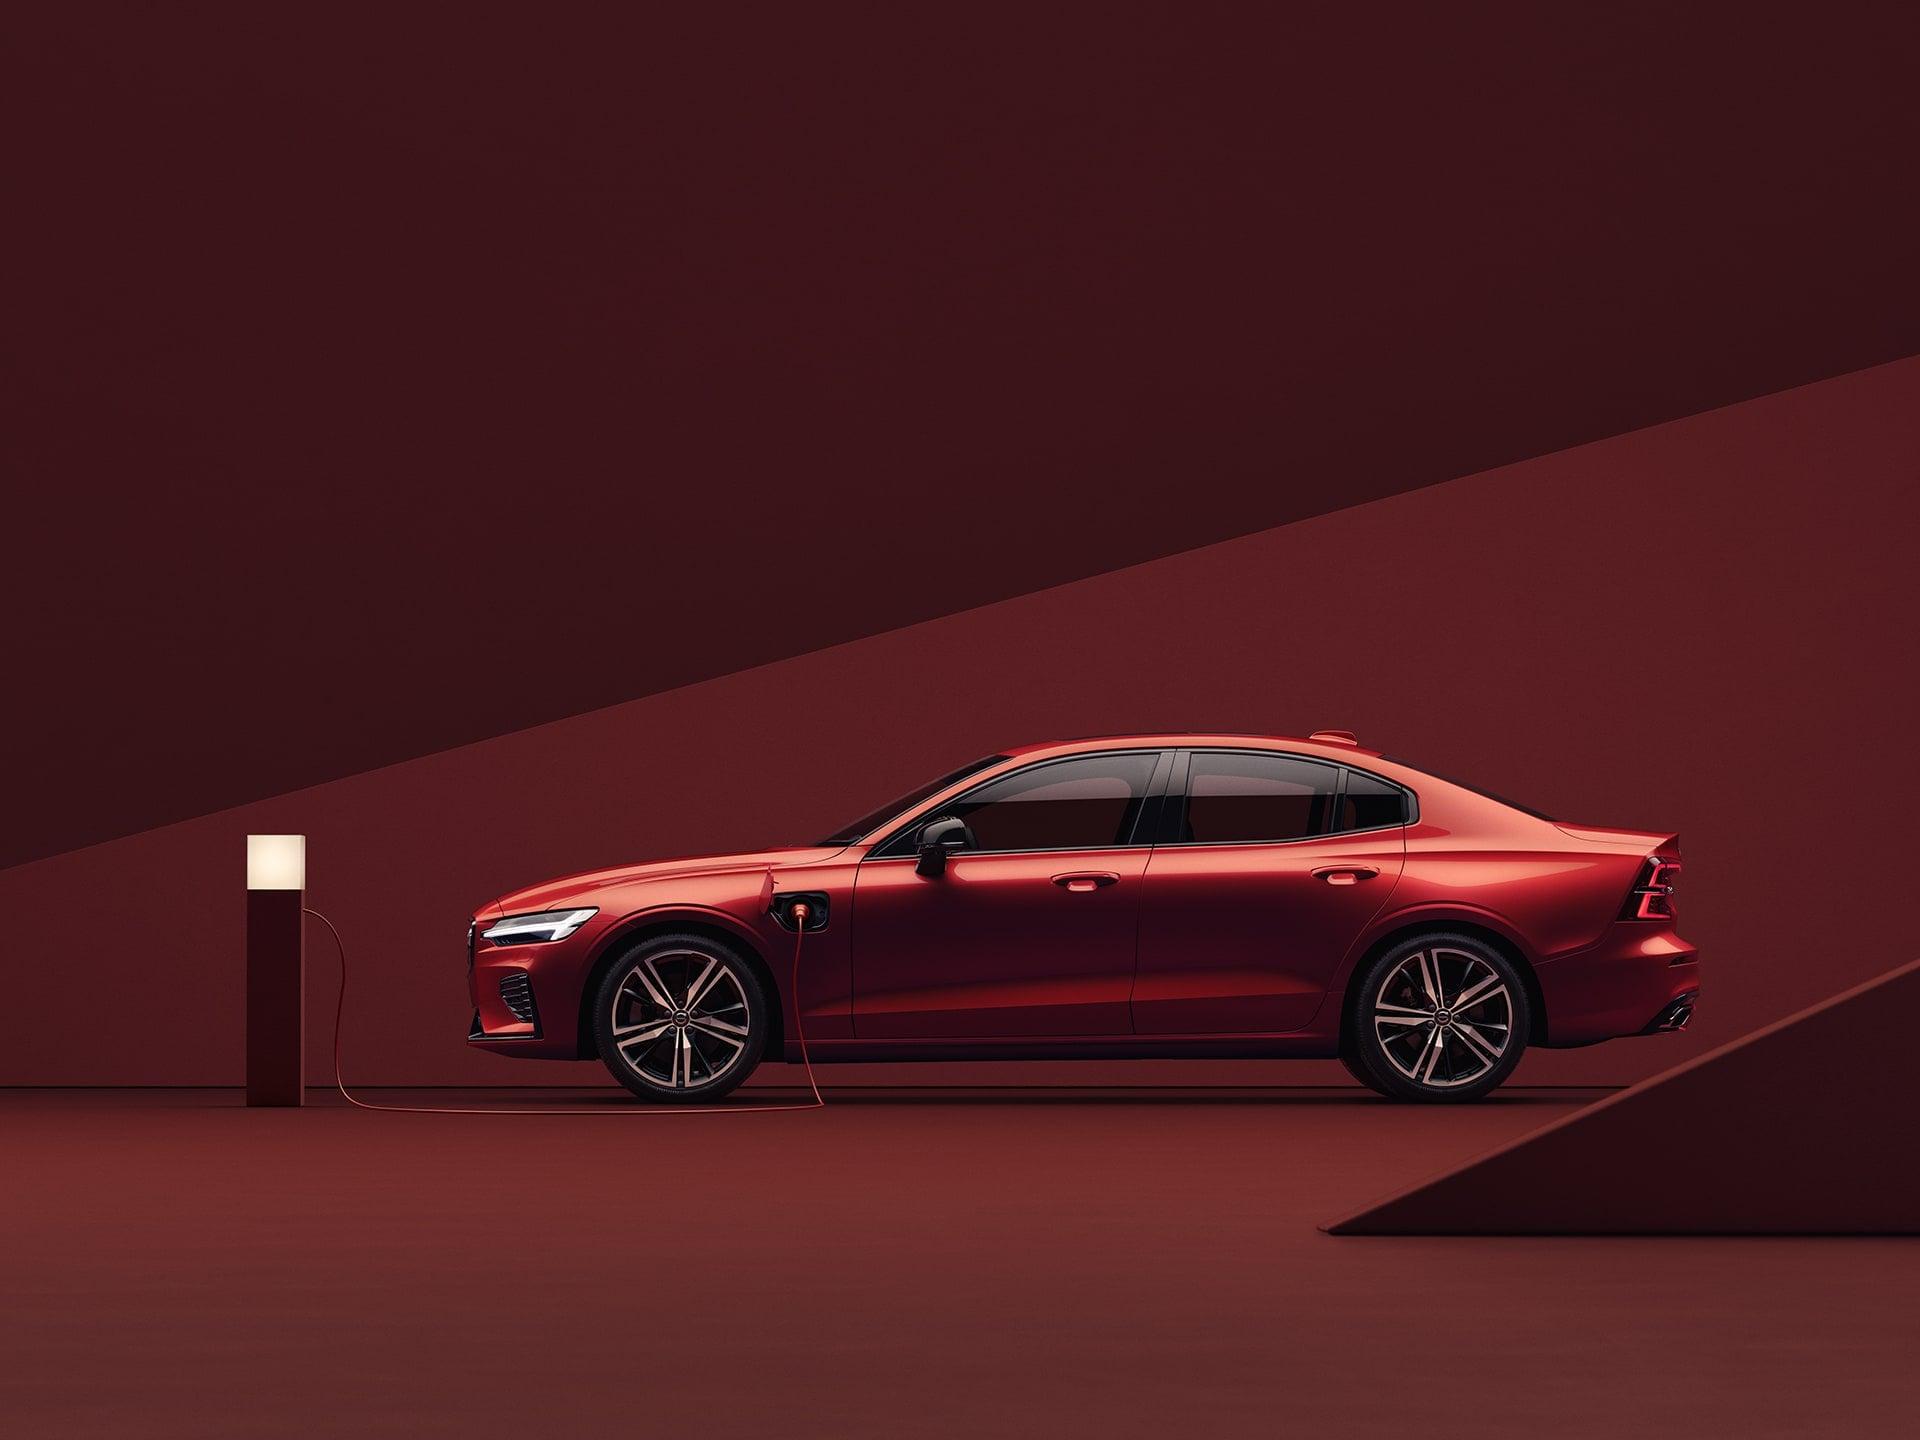 O exterior de um sedan Volvo S60 Recharge híbrido plug-in vermelho em fundo do mesmo tom.